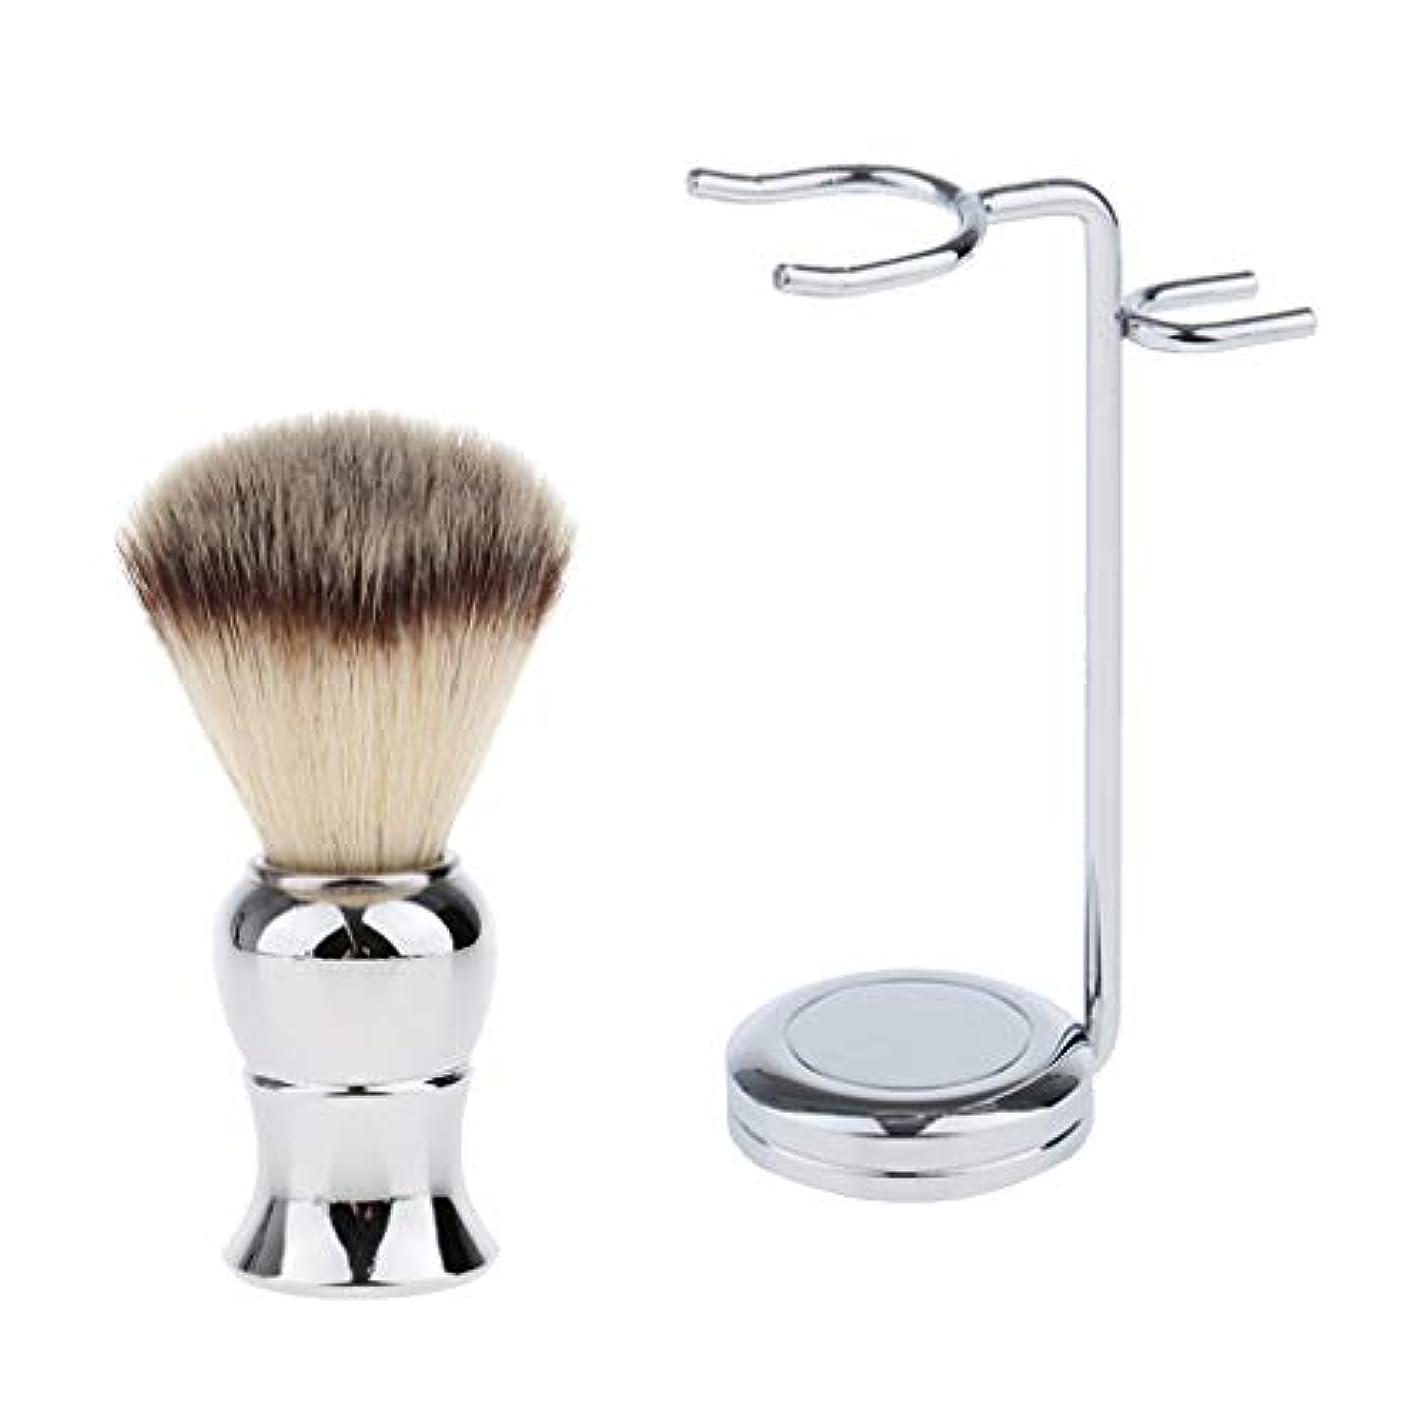 解き明かす交じる複合dailymall カミソリシェービングブラシスタンド ホルダー ラック シェービングブラシ 理容 洗顔 髭剃りメンズ